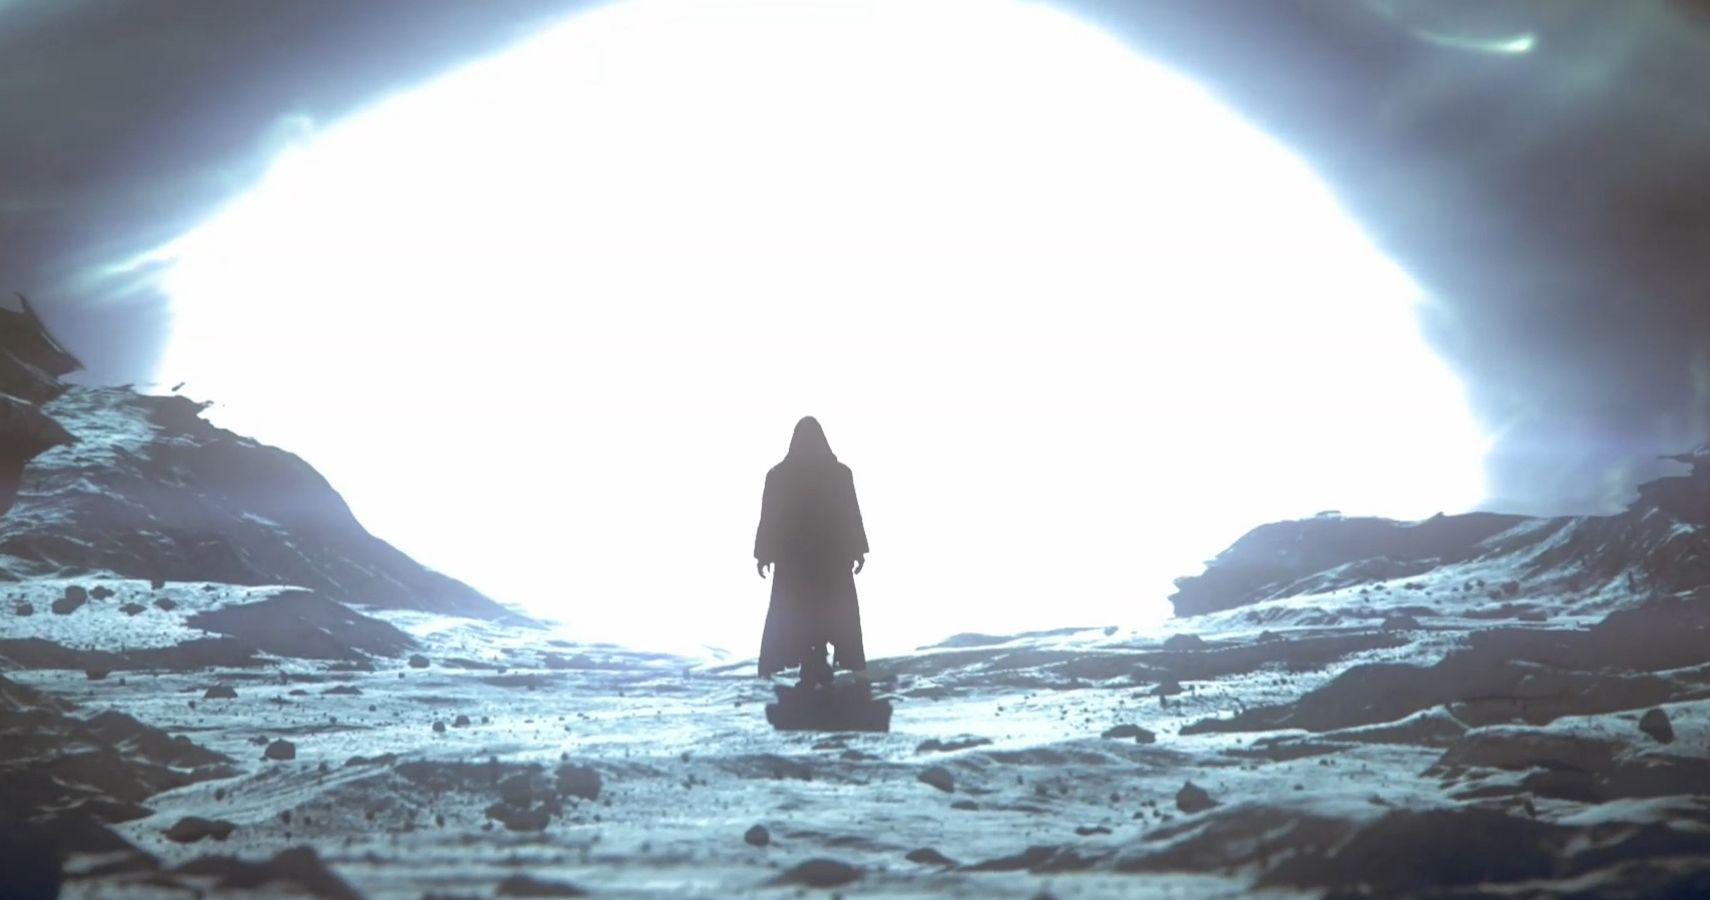 Final Fantasy 14's Endwalker Expansion Gets Extended Trailer